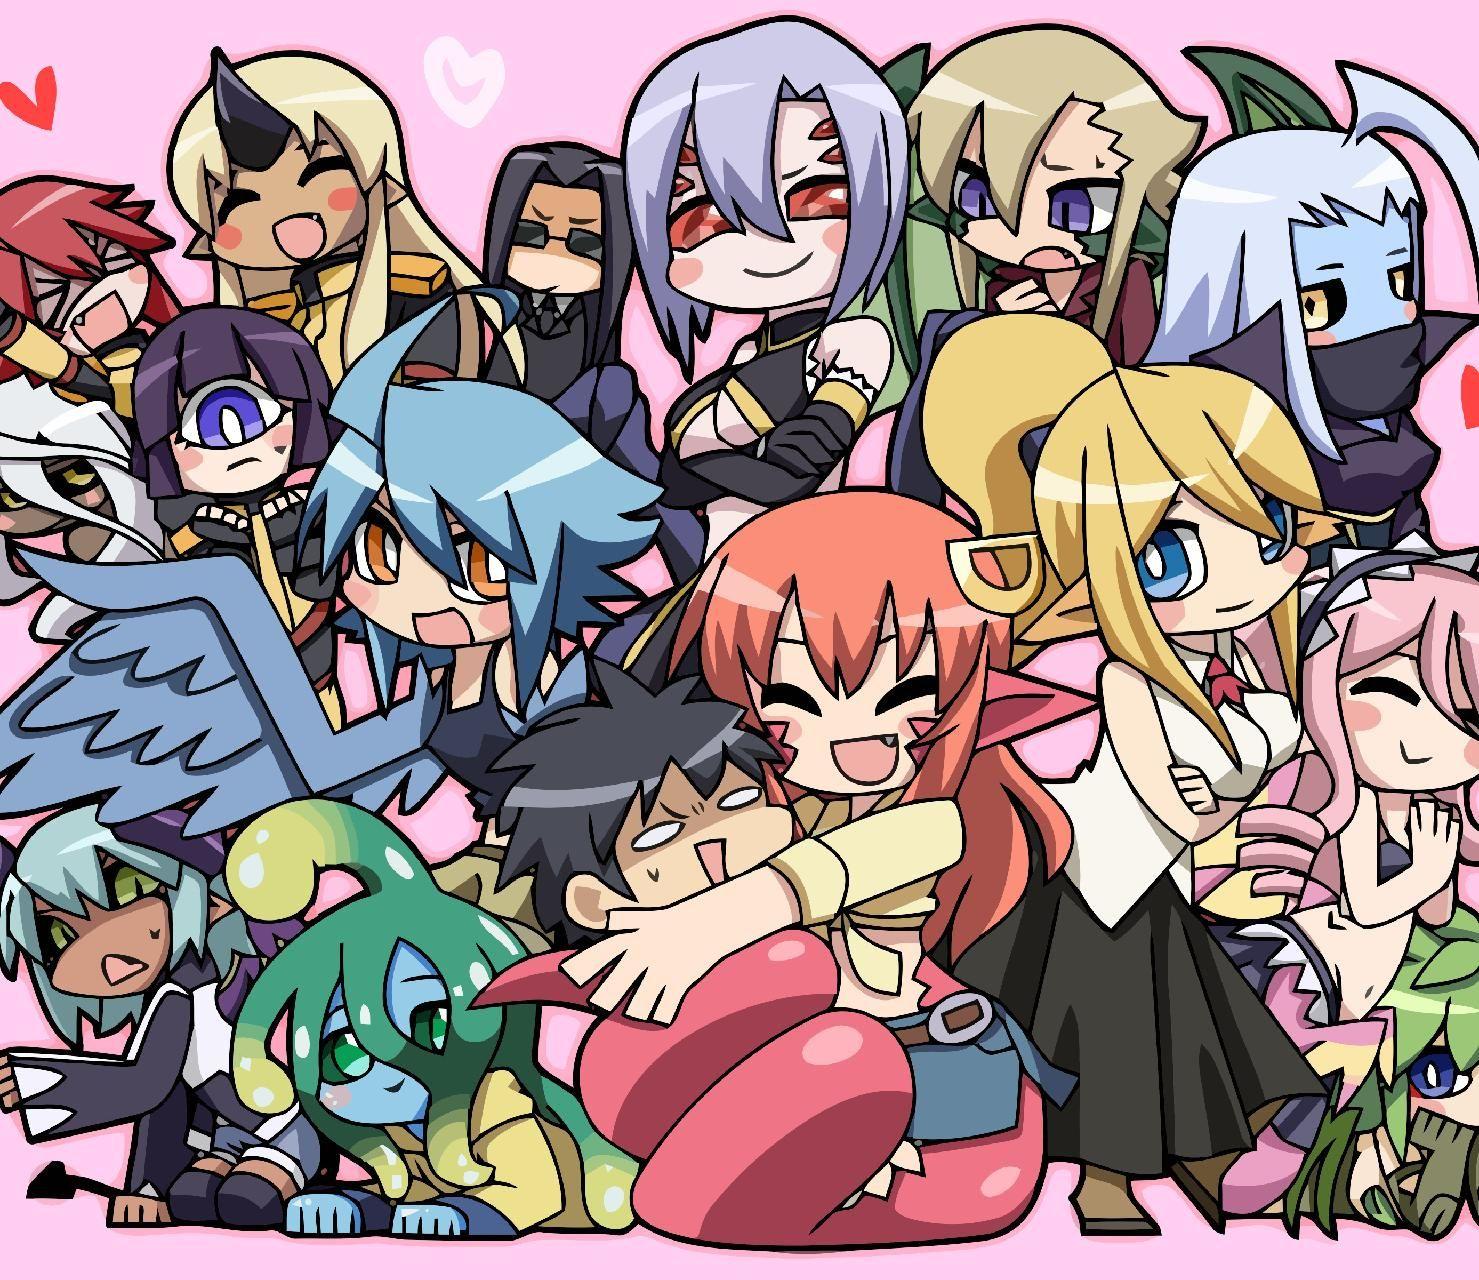 Download Monster Musume Chibi Wallpaper By Strifeexcalibu 7f